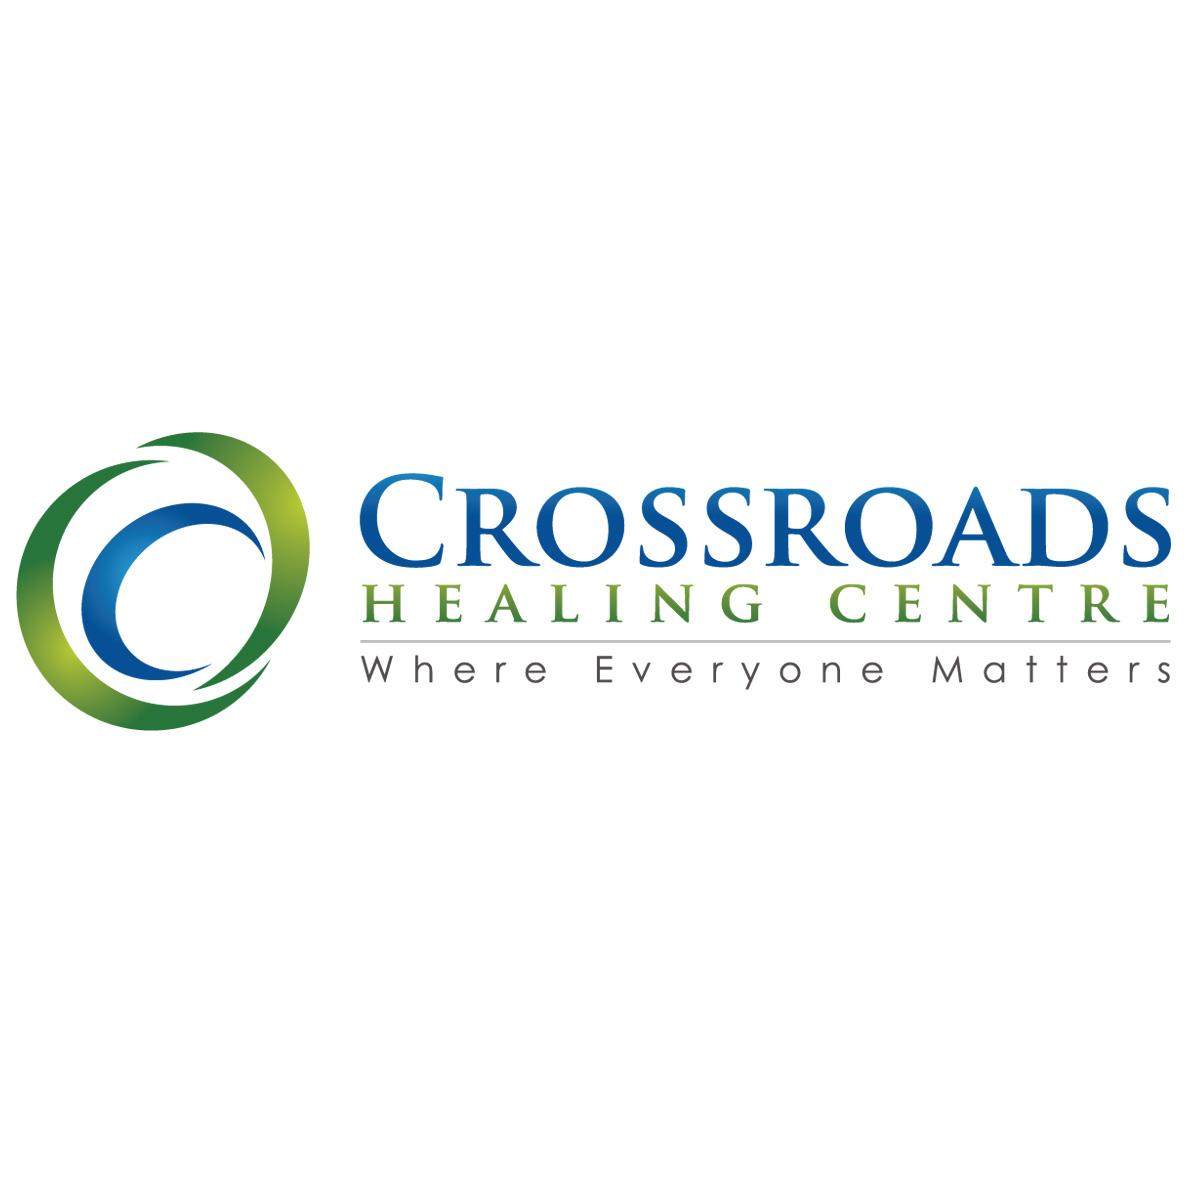 Crossroads Healing Centre